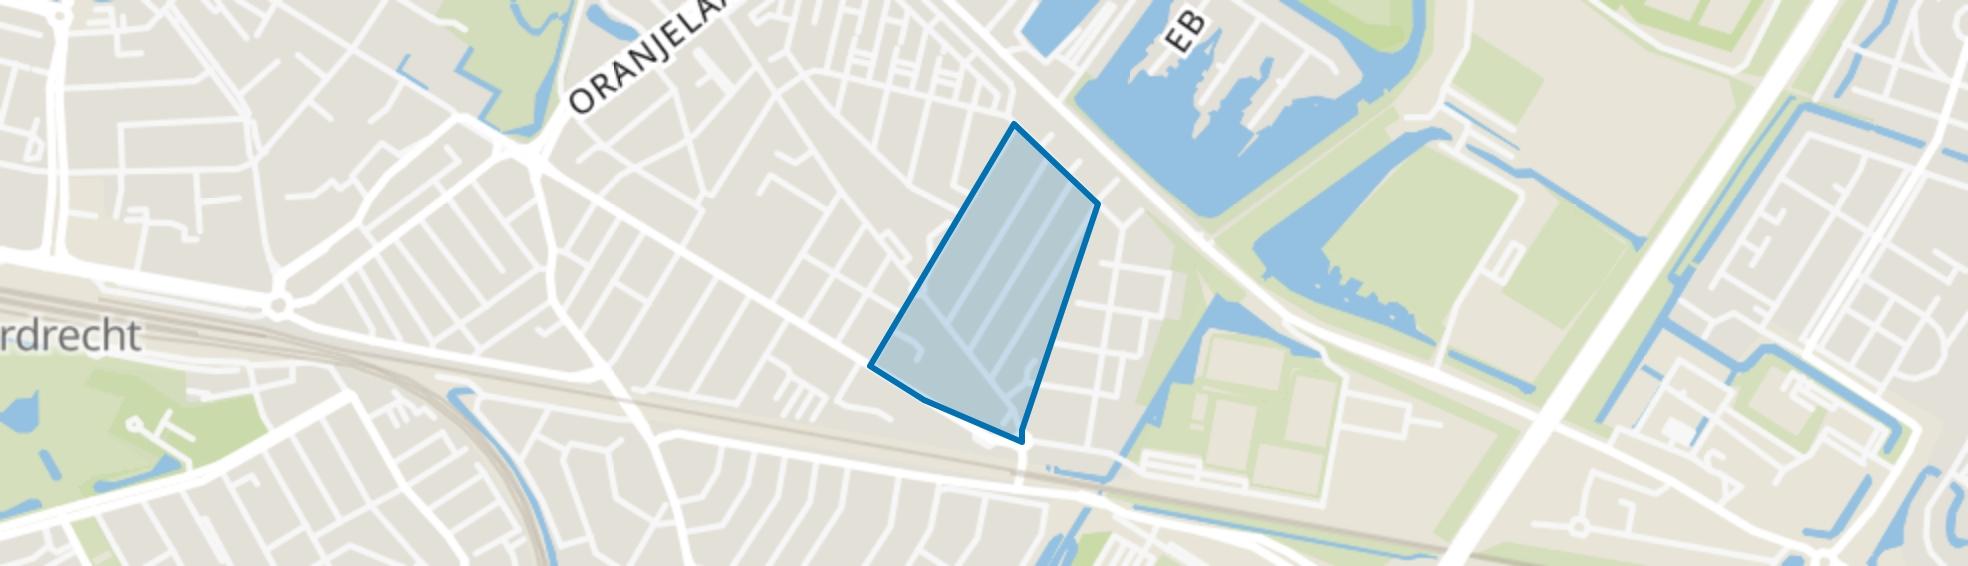 Boeroestraat en omgeving, Dordrecht map